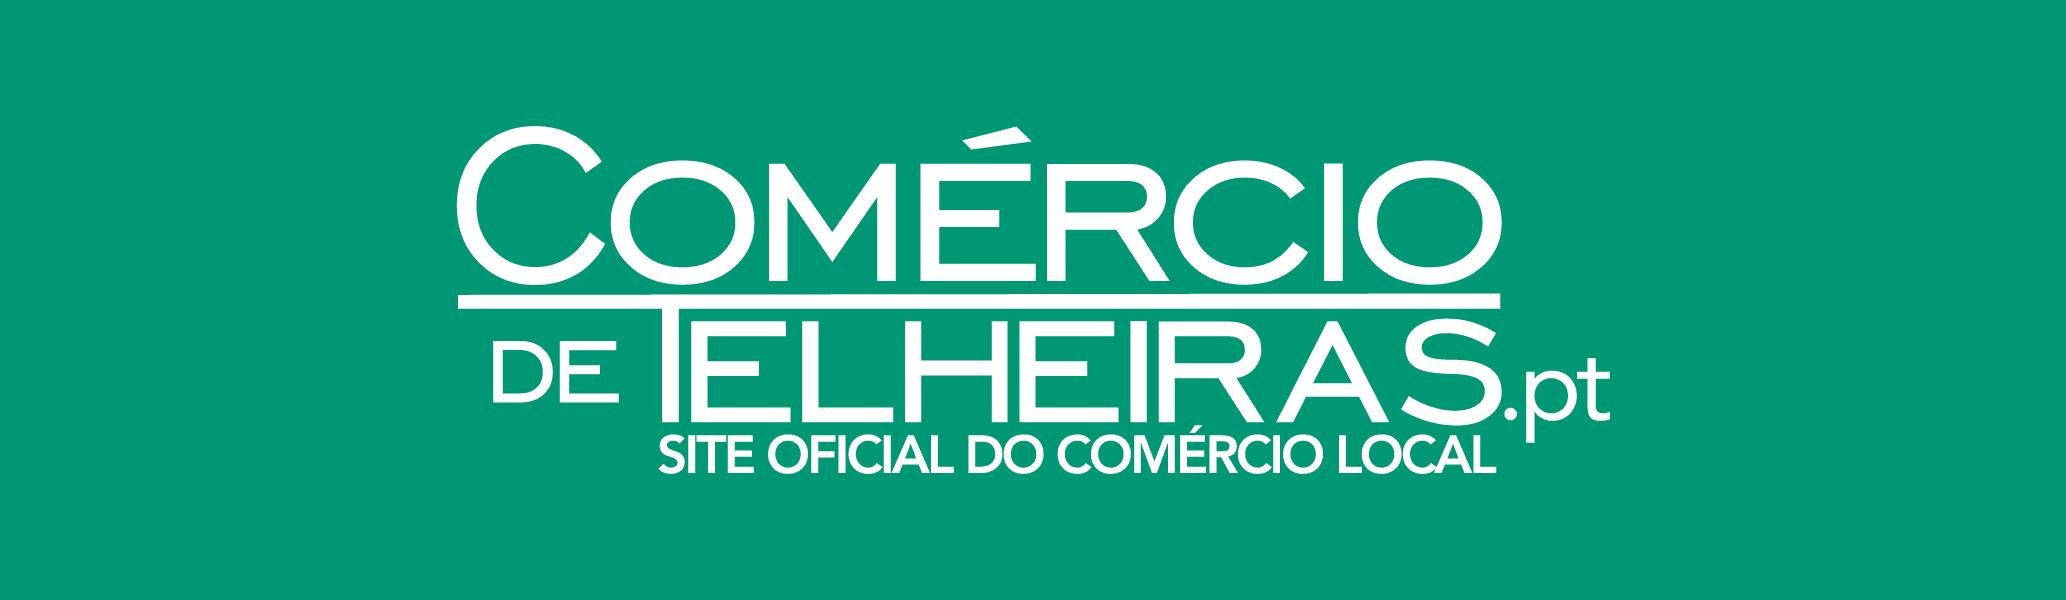 Comércio de Telheiras banner